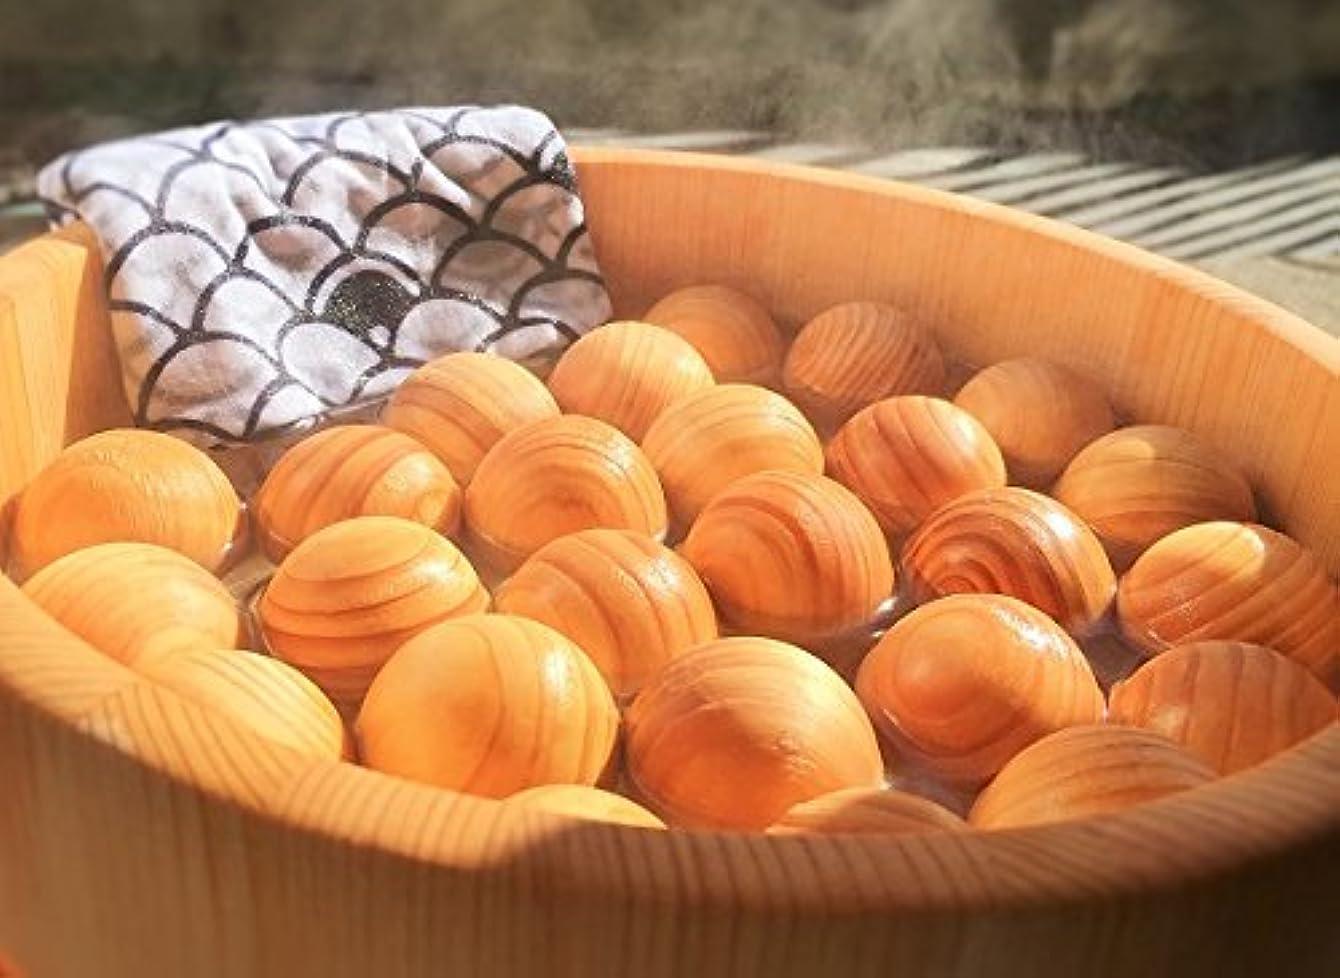 スカルクマウスグラマーお得な3.5cm檜ボール25球入りと、かわいいタマゴ型(約4.2×5cm)檜のセットです。卵型 タマゴ型 ヒノキボール 檜ボール 桧ボール ひのきボール 玉